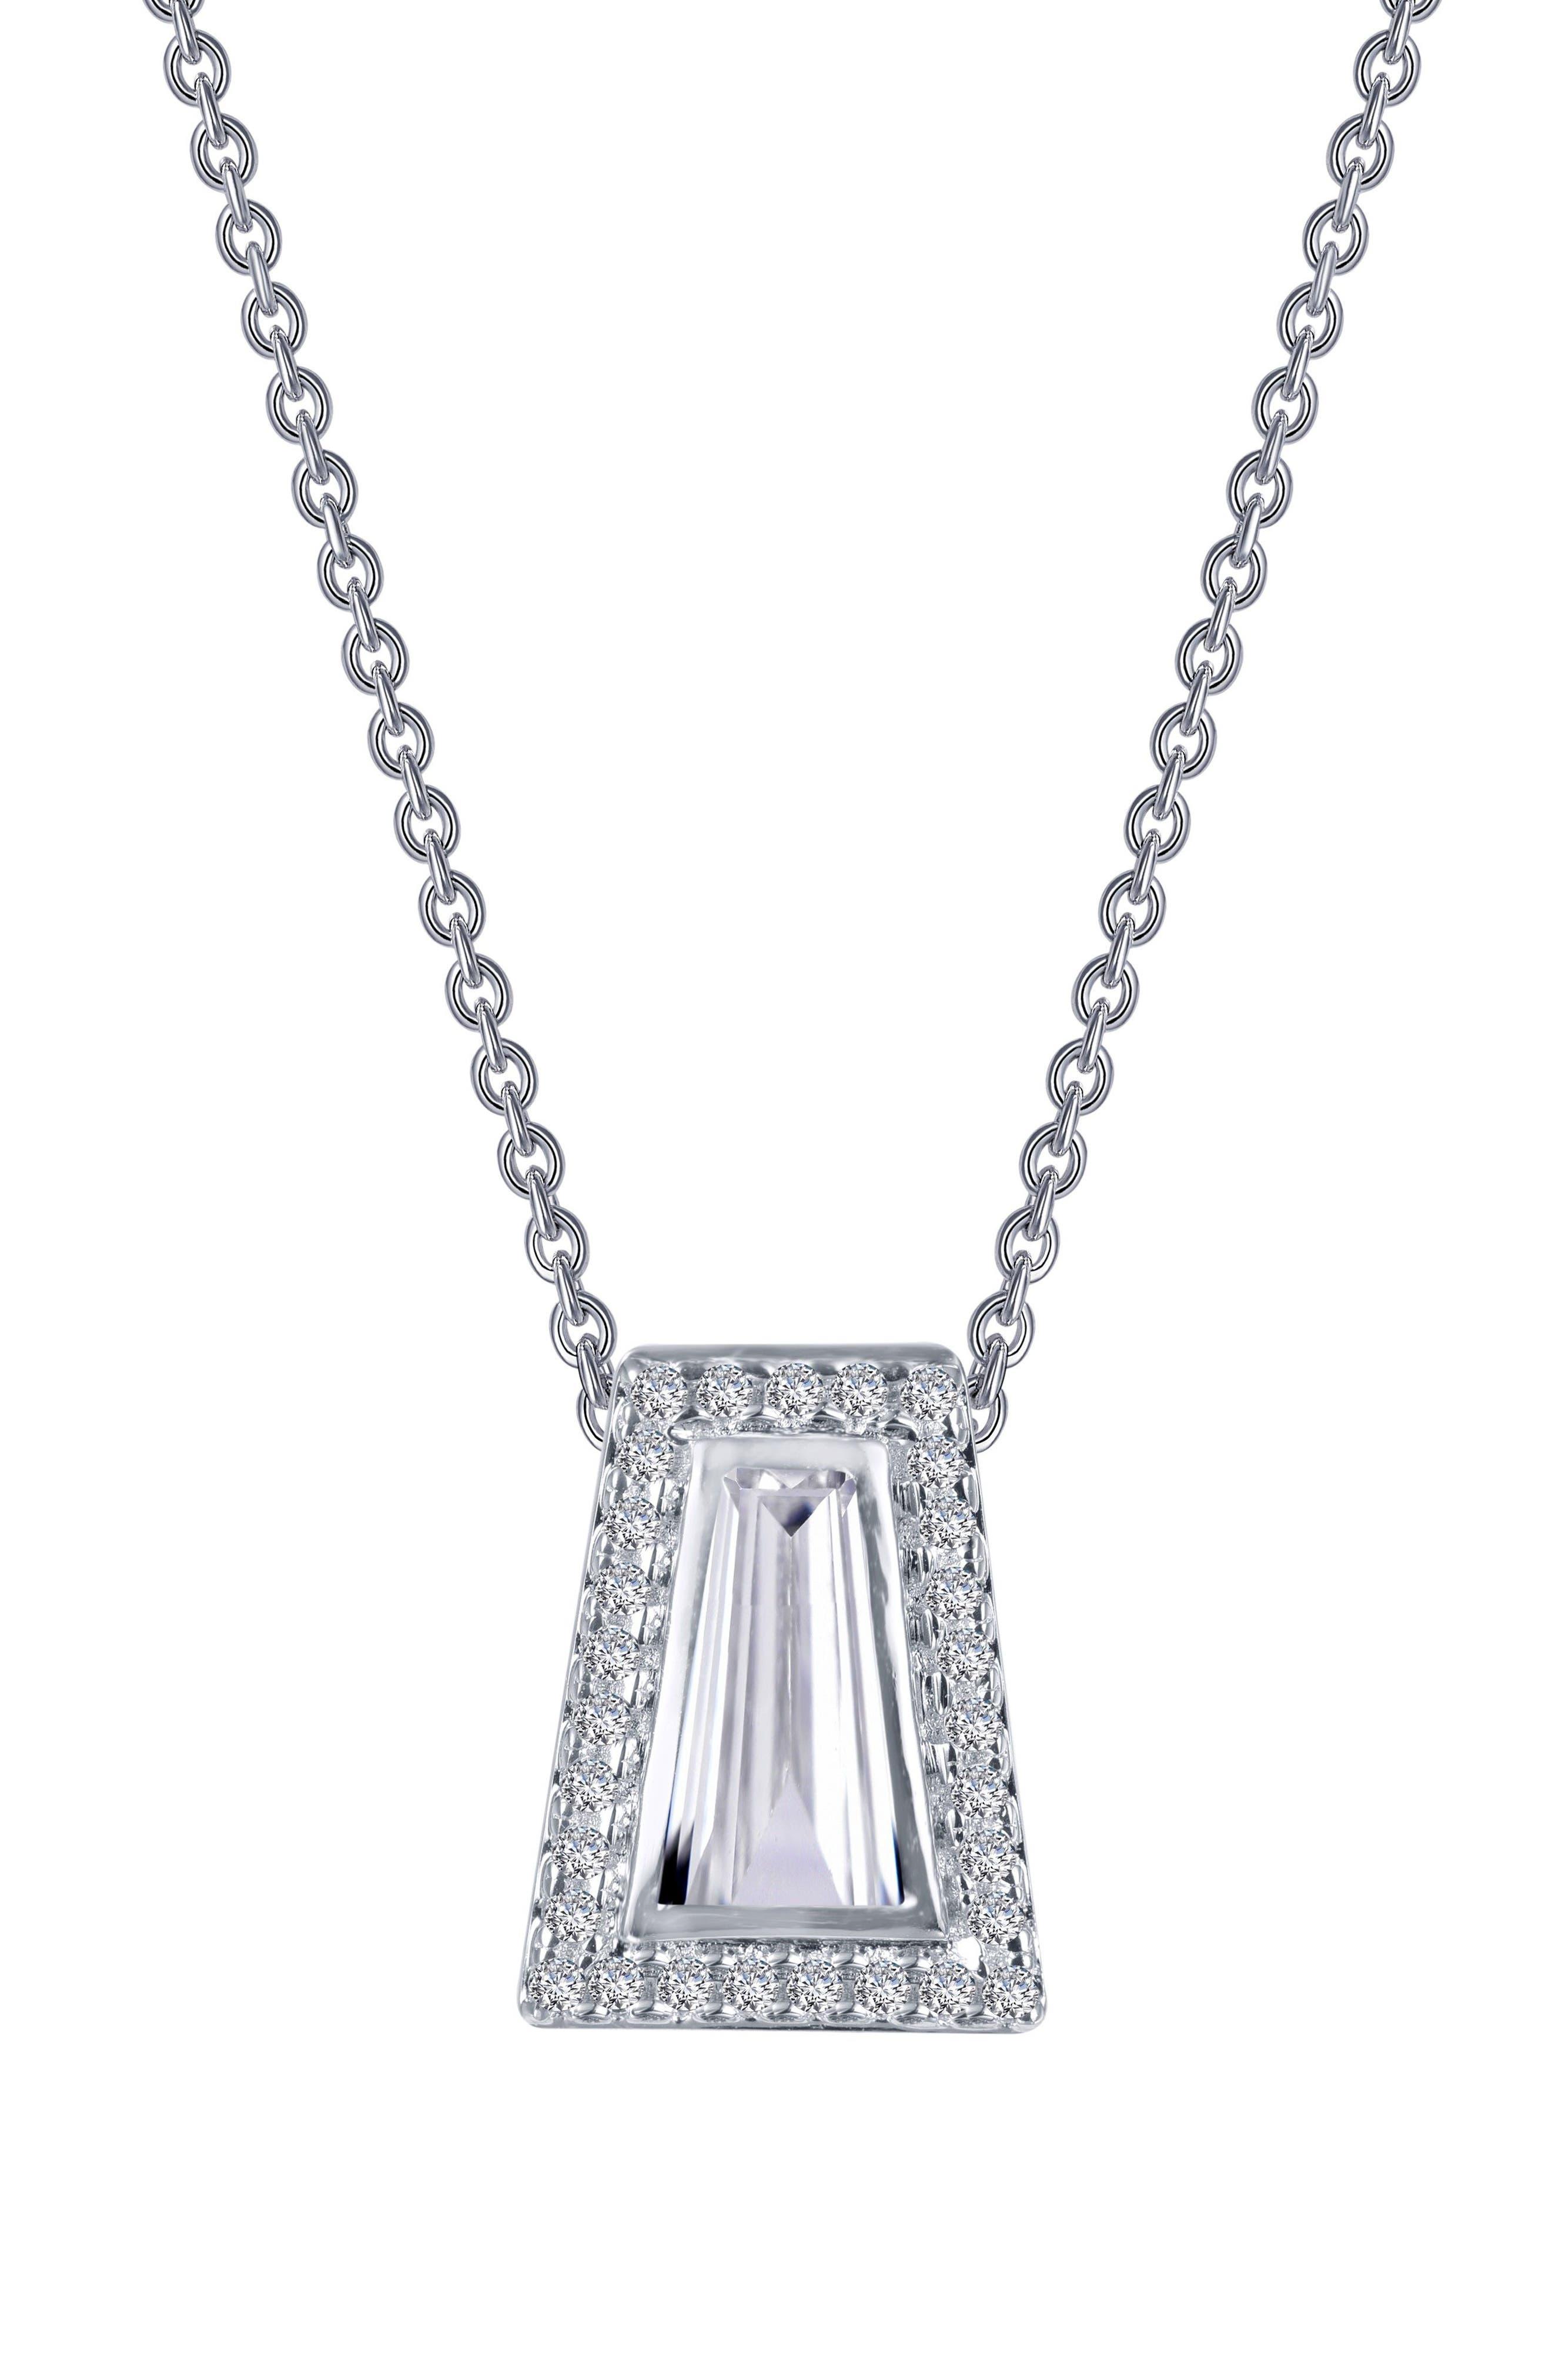 Bezel Pendant Necklace,                             Alternate thumbnail 2, color,                             Silver/ Clear